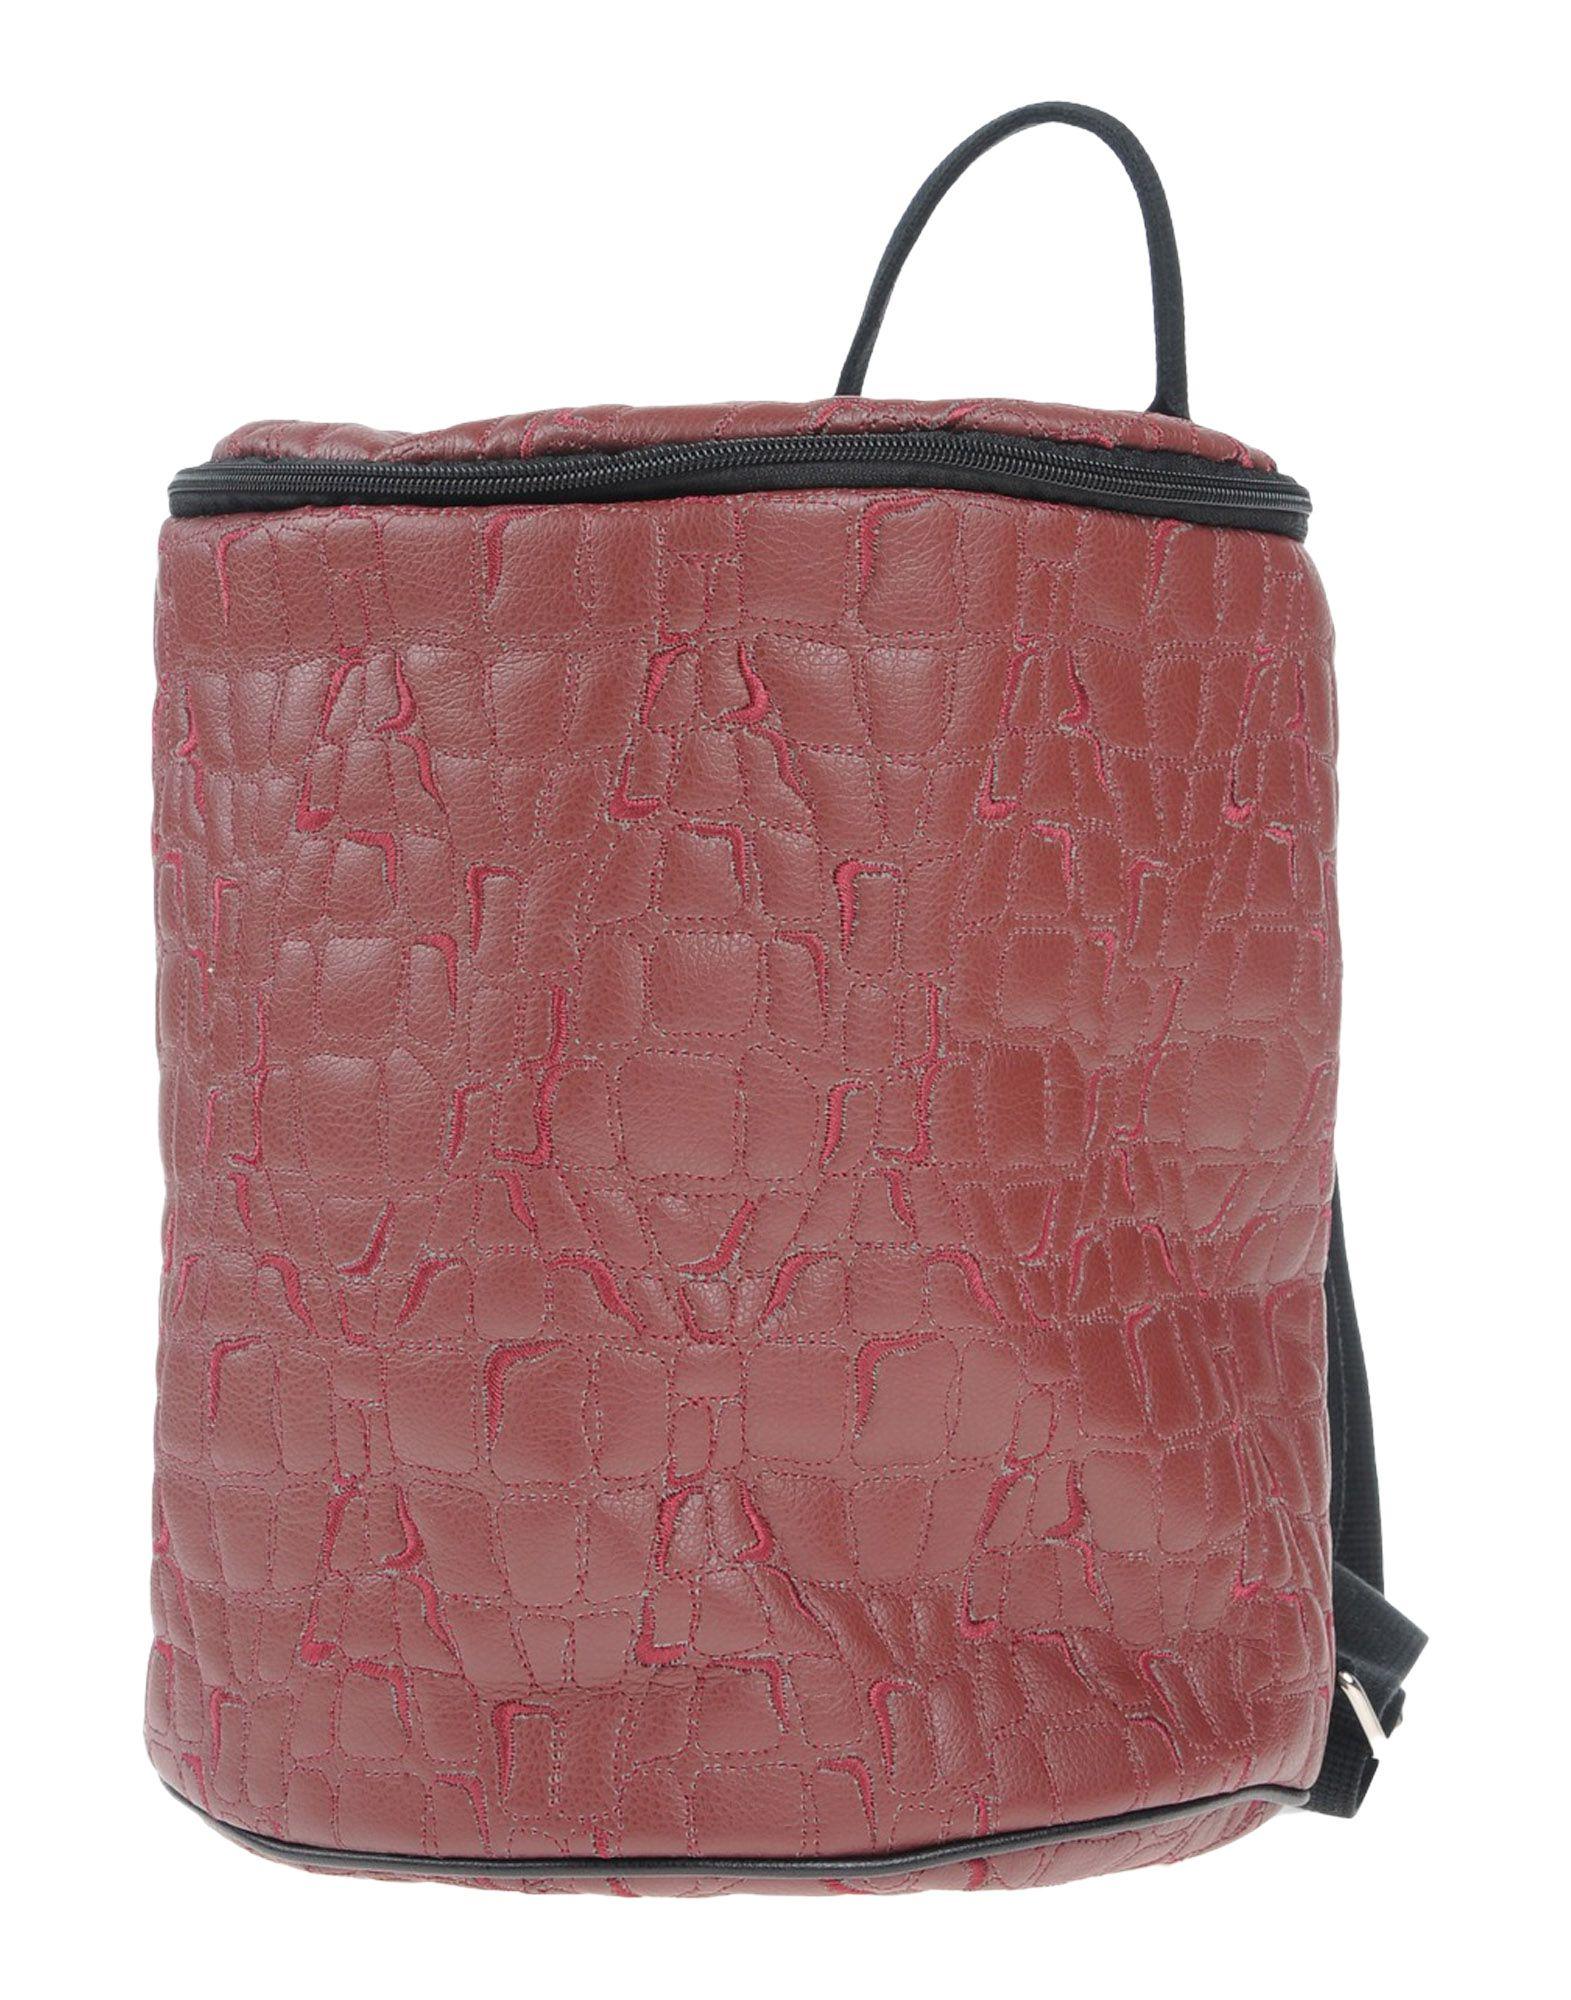 《送料無料》IDEA77 レディース バックパック&ヒップバッグ ボルドー 紡績繊維